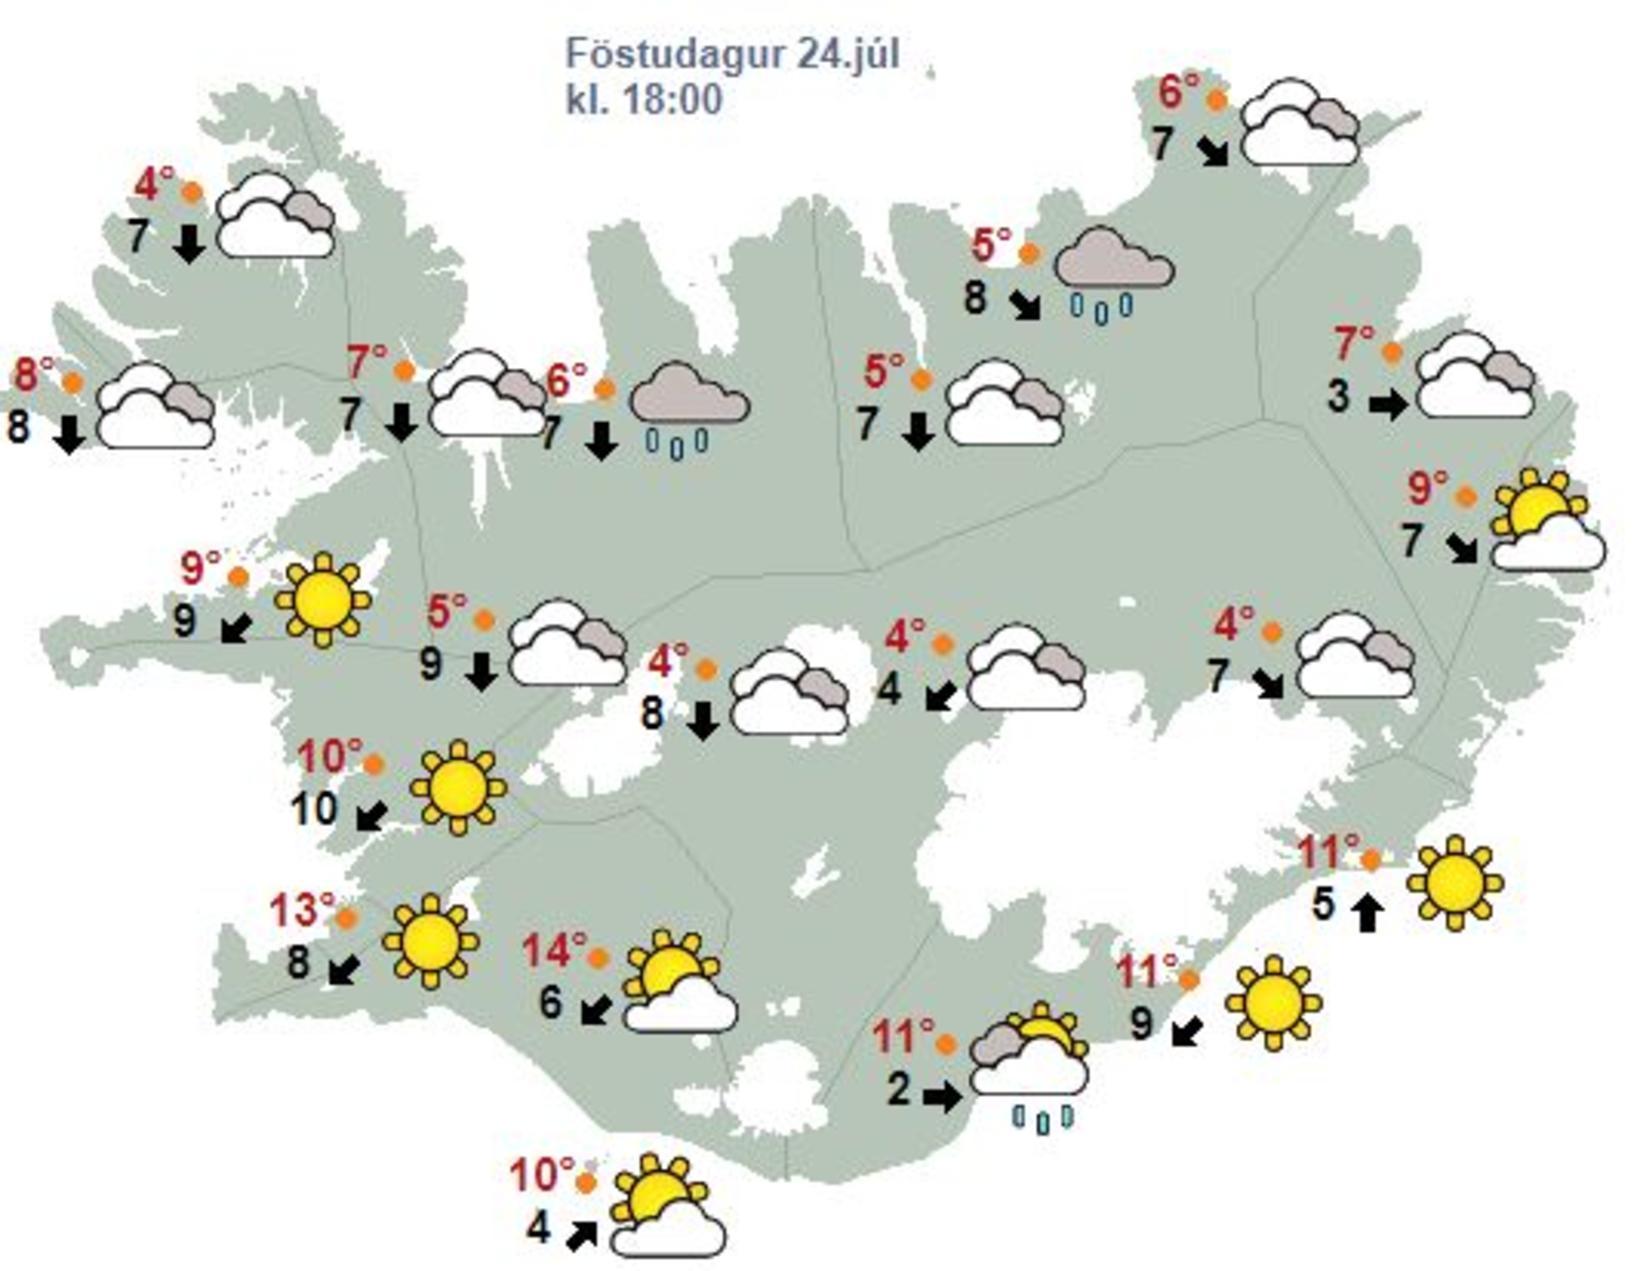 Veðurspá fyrir föstudaginn 24. júlí klukkan 18:00.